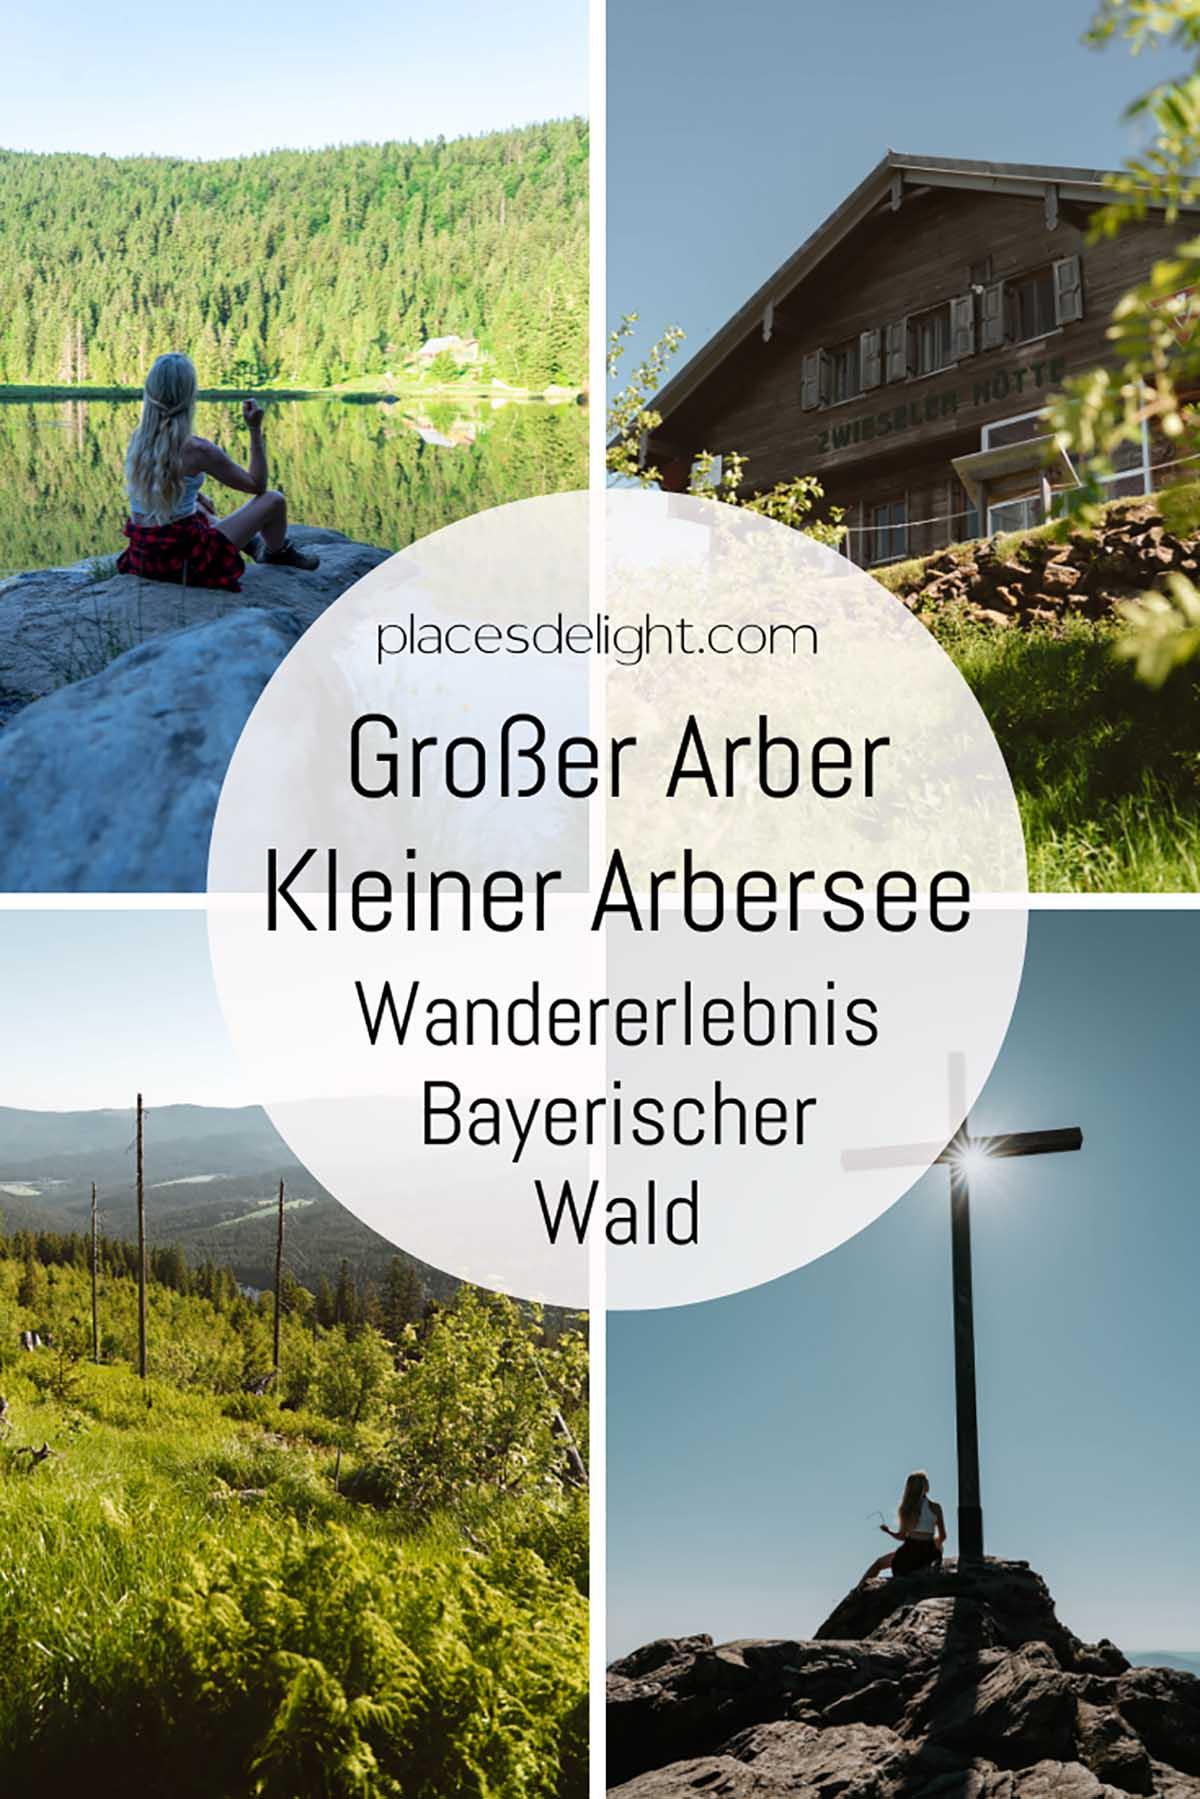 placesdelight-grosser-arber-kleiner-arbersee-bayerischer-wald